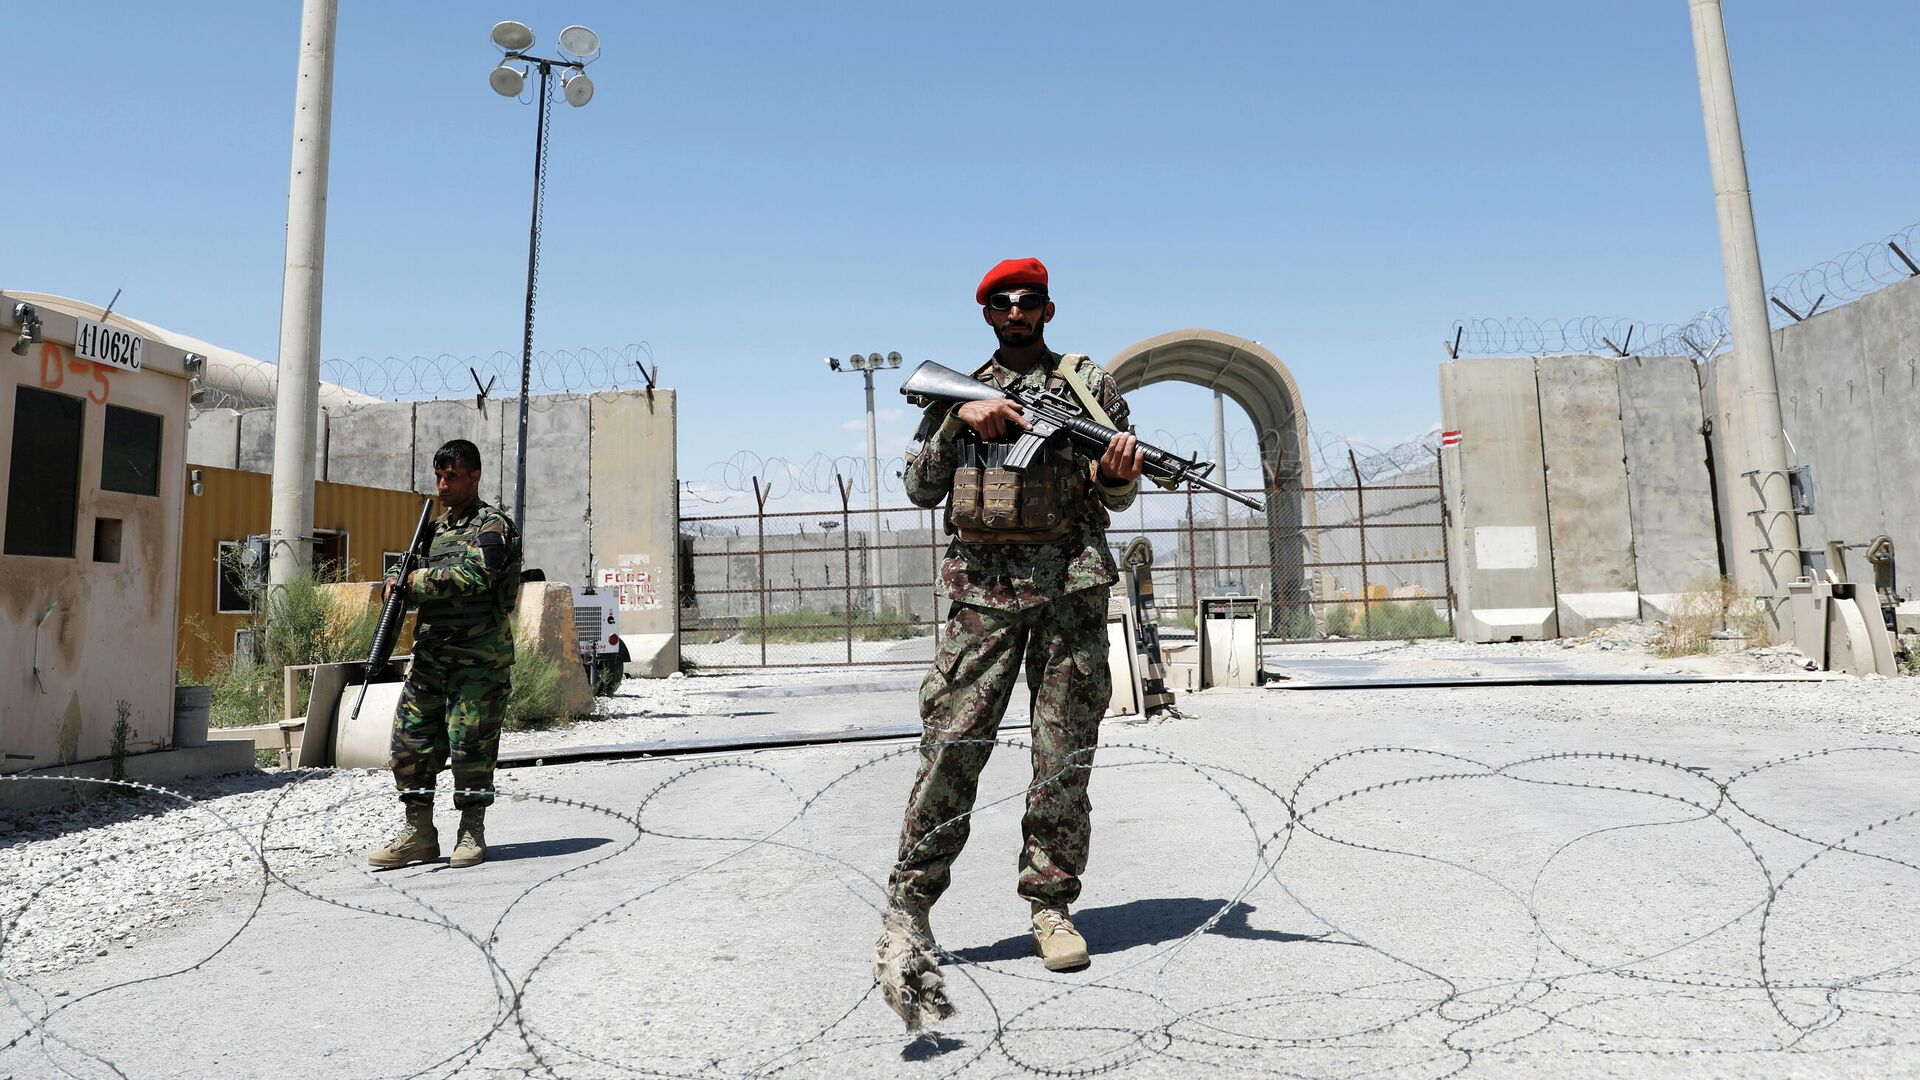 Афганские солдаты охраняют ворота американской авиабазы Баграм в день вывода Американских войск из Афганистана - РИА Новости, 1920, 05.07.2021